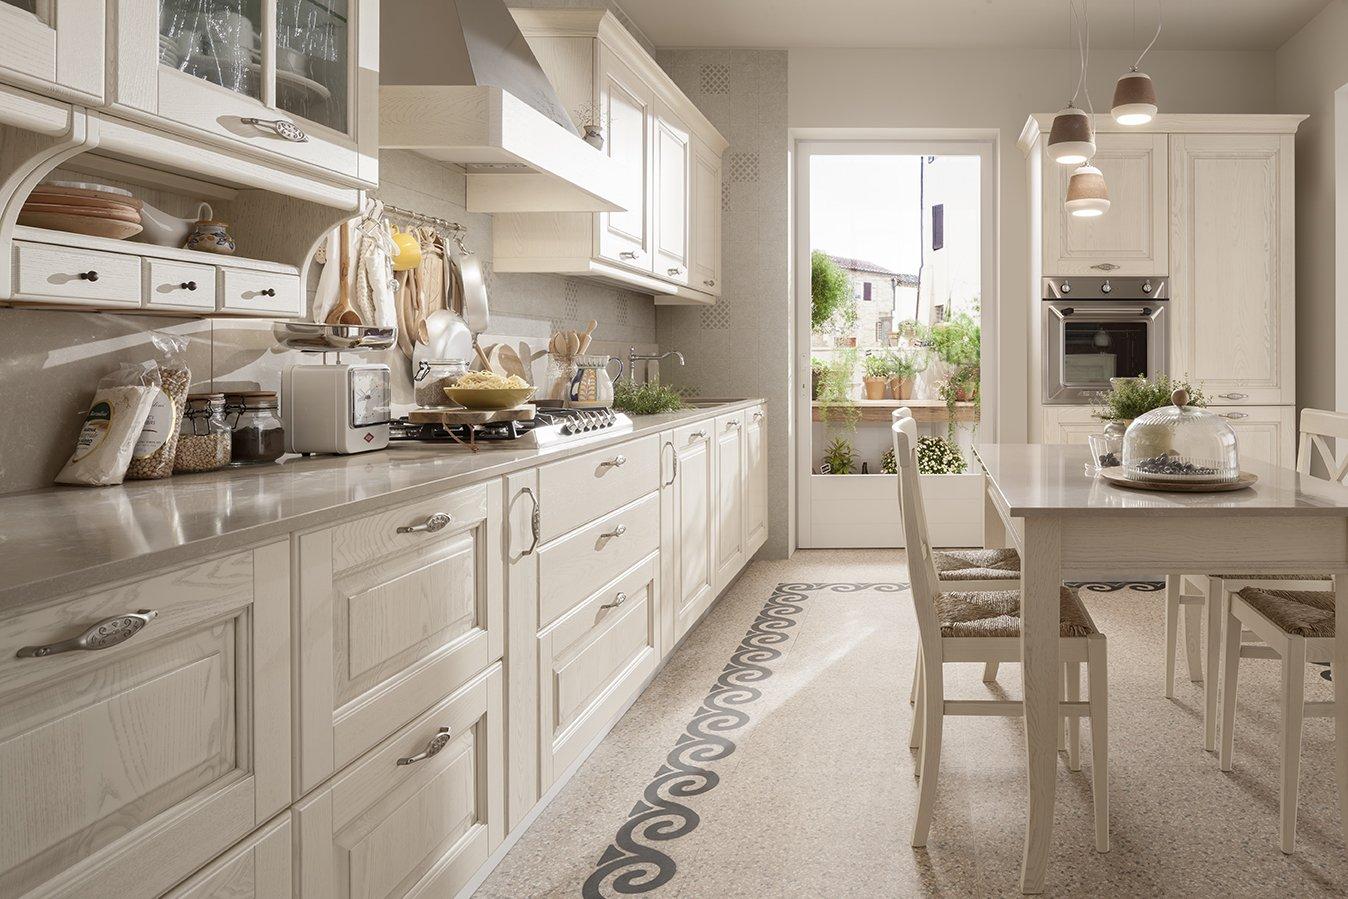 Top Cucina Quarzo Bianco. Piano Cucina In Okite Solido E Resistente ...